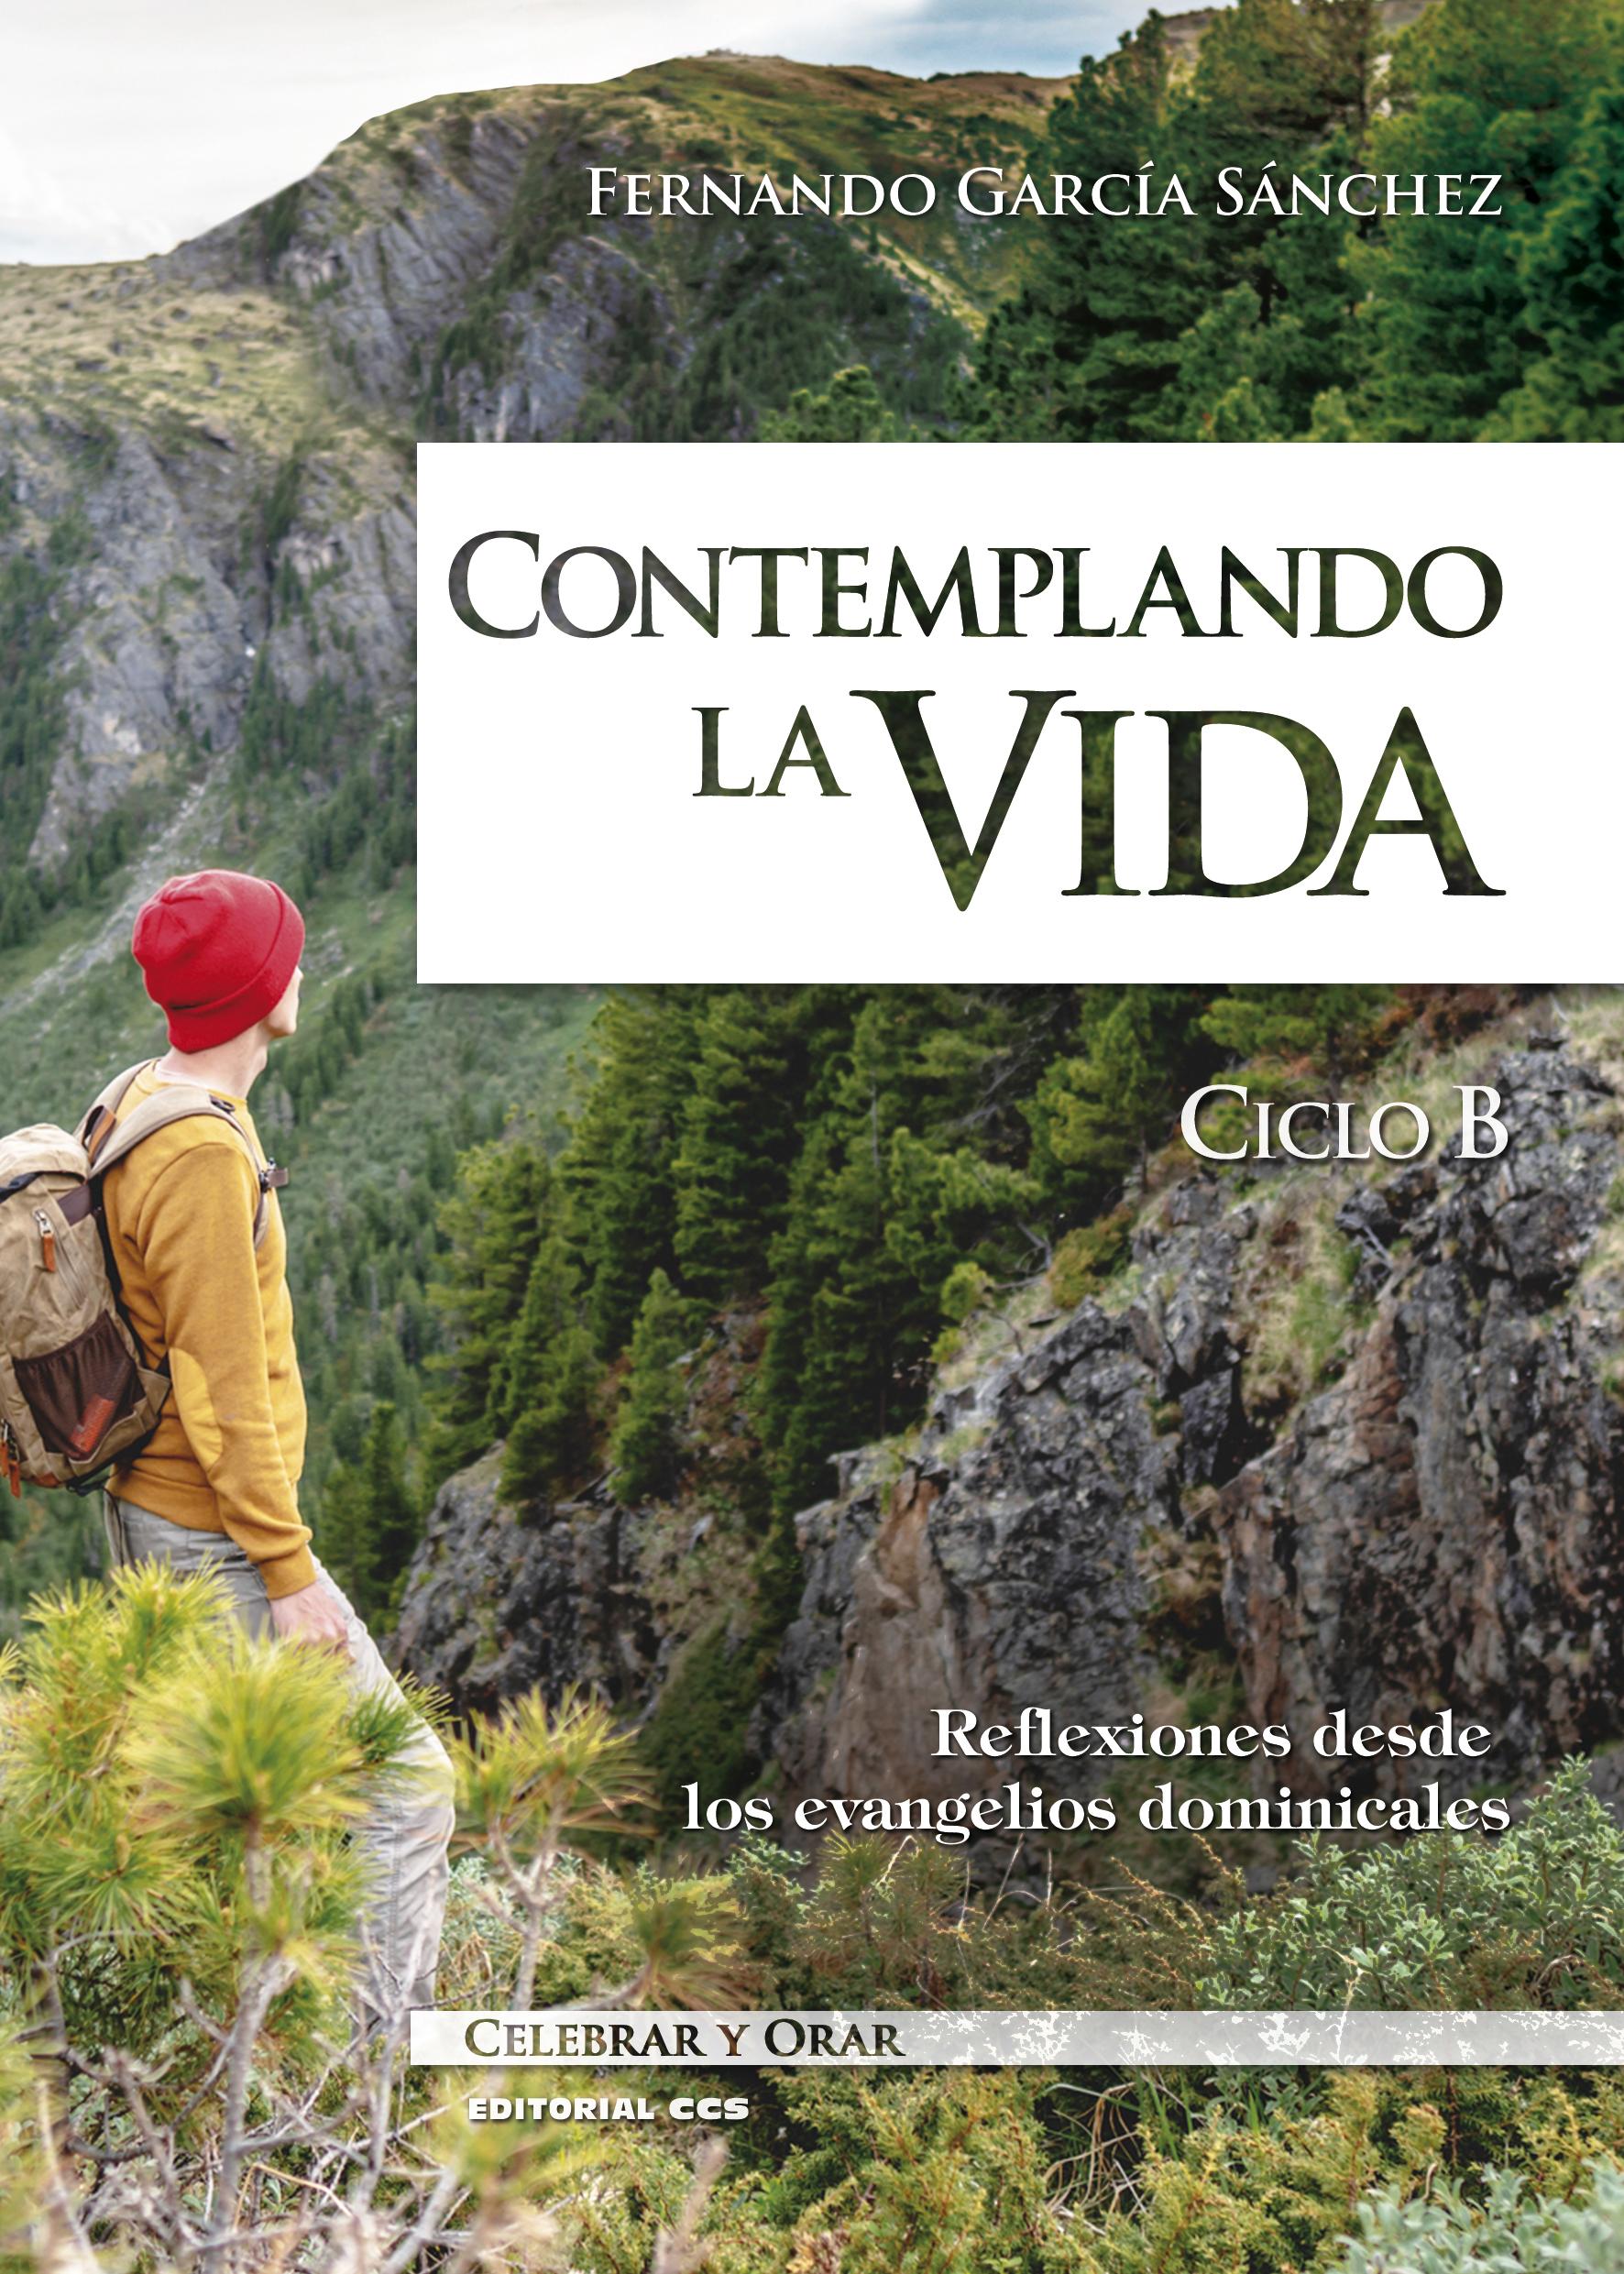 Contemplando la vida. Ciclo B   «Reflexiones desde los evangelios dominicales»